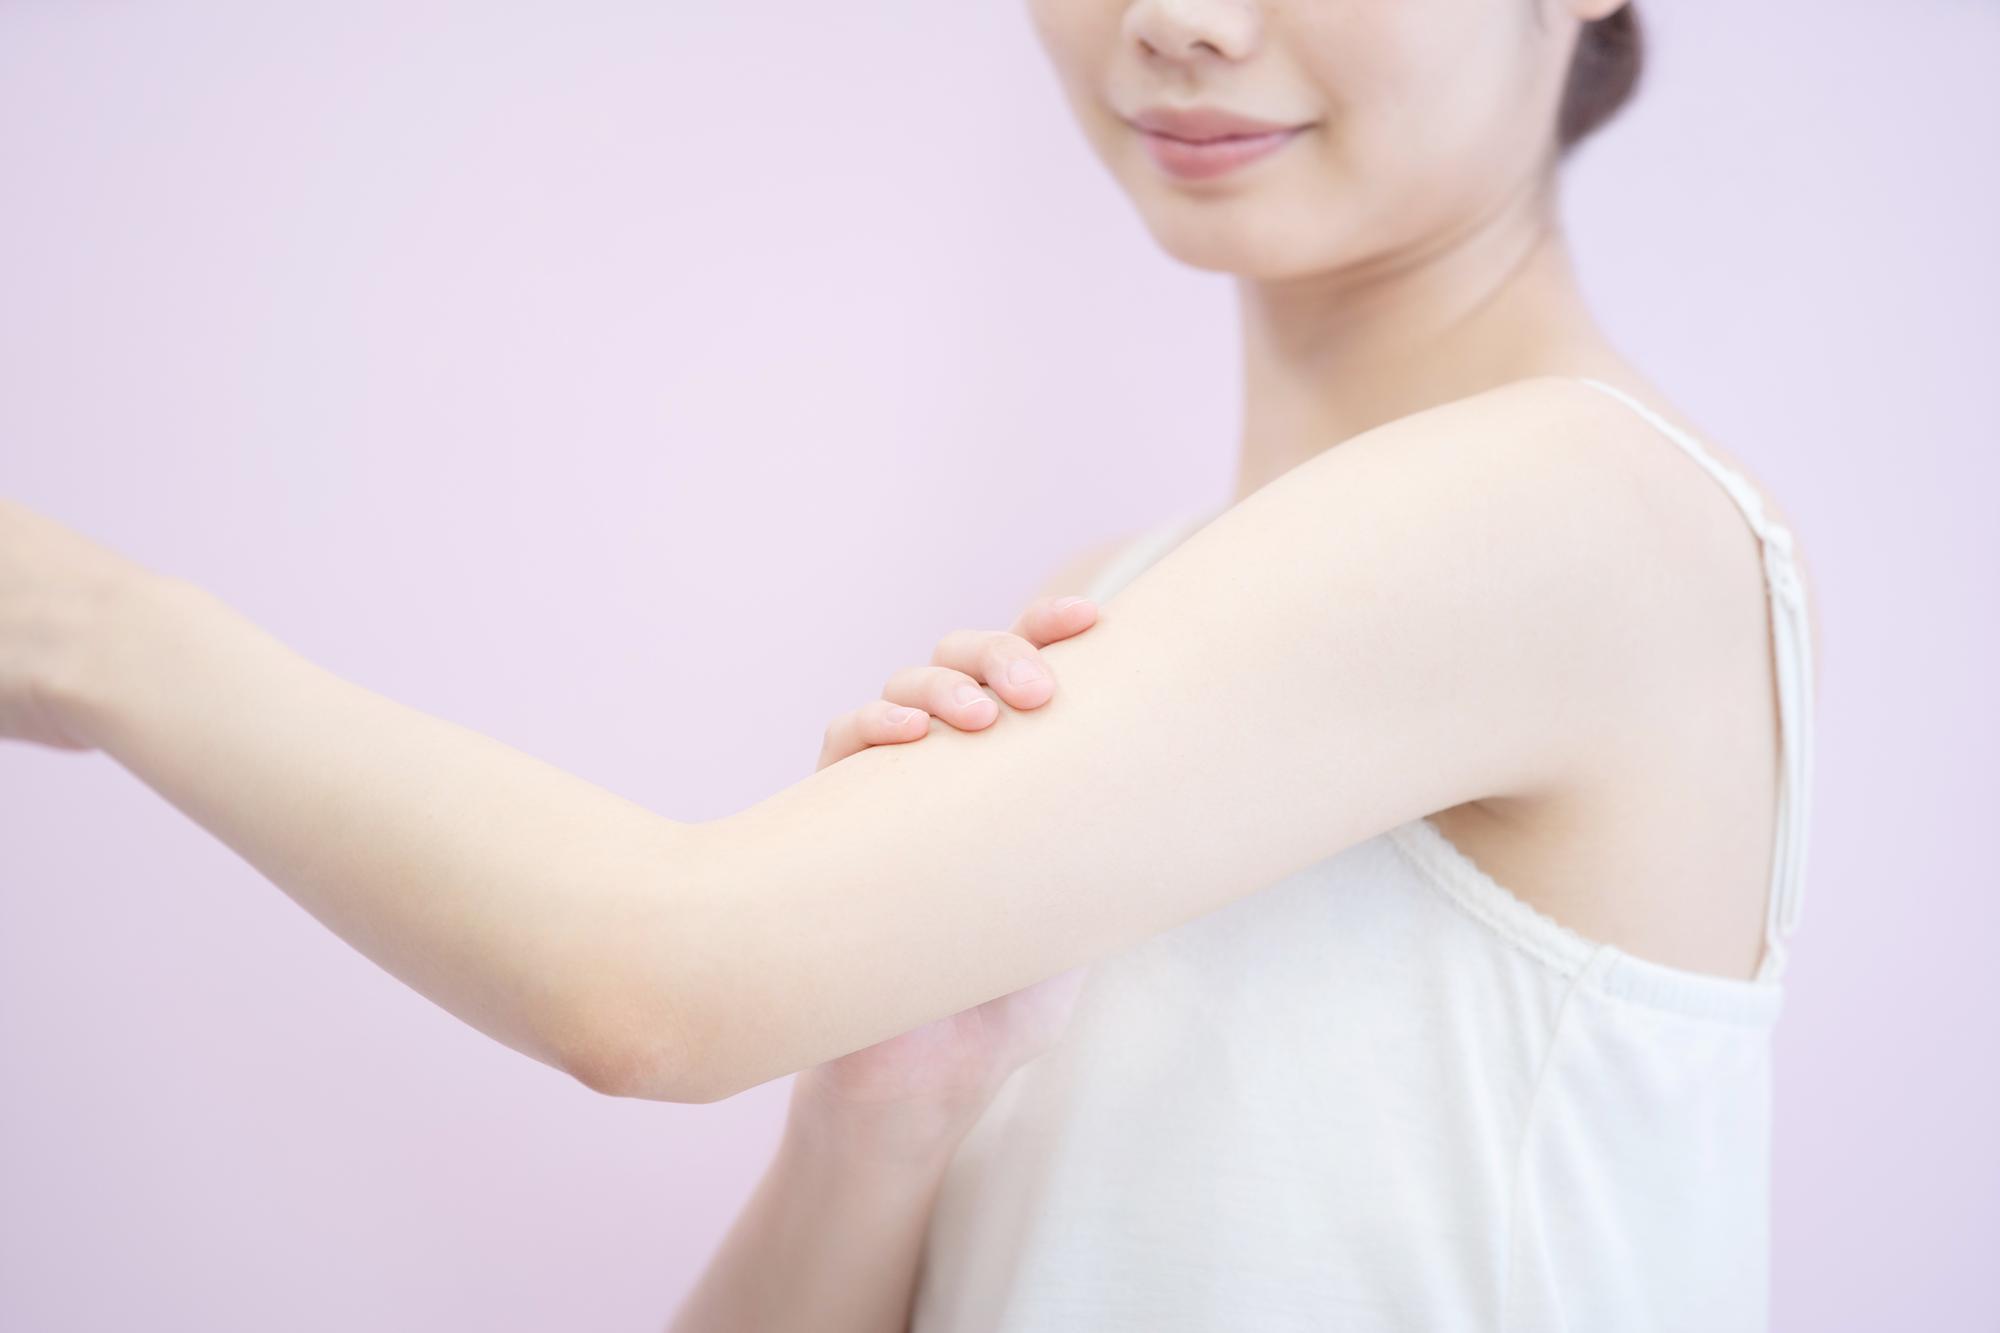 肌に保湿剤を塗る女性